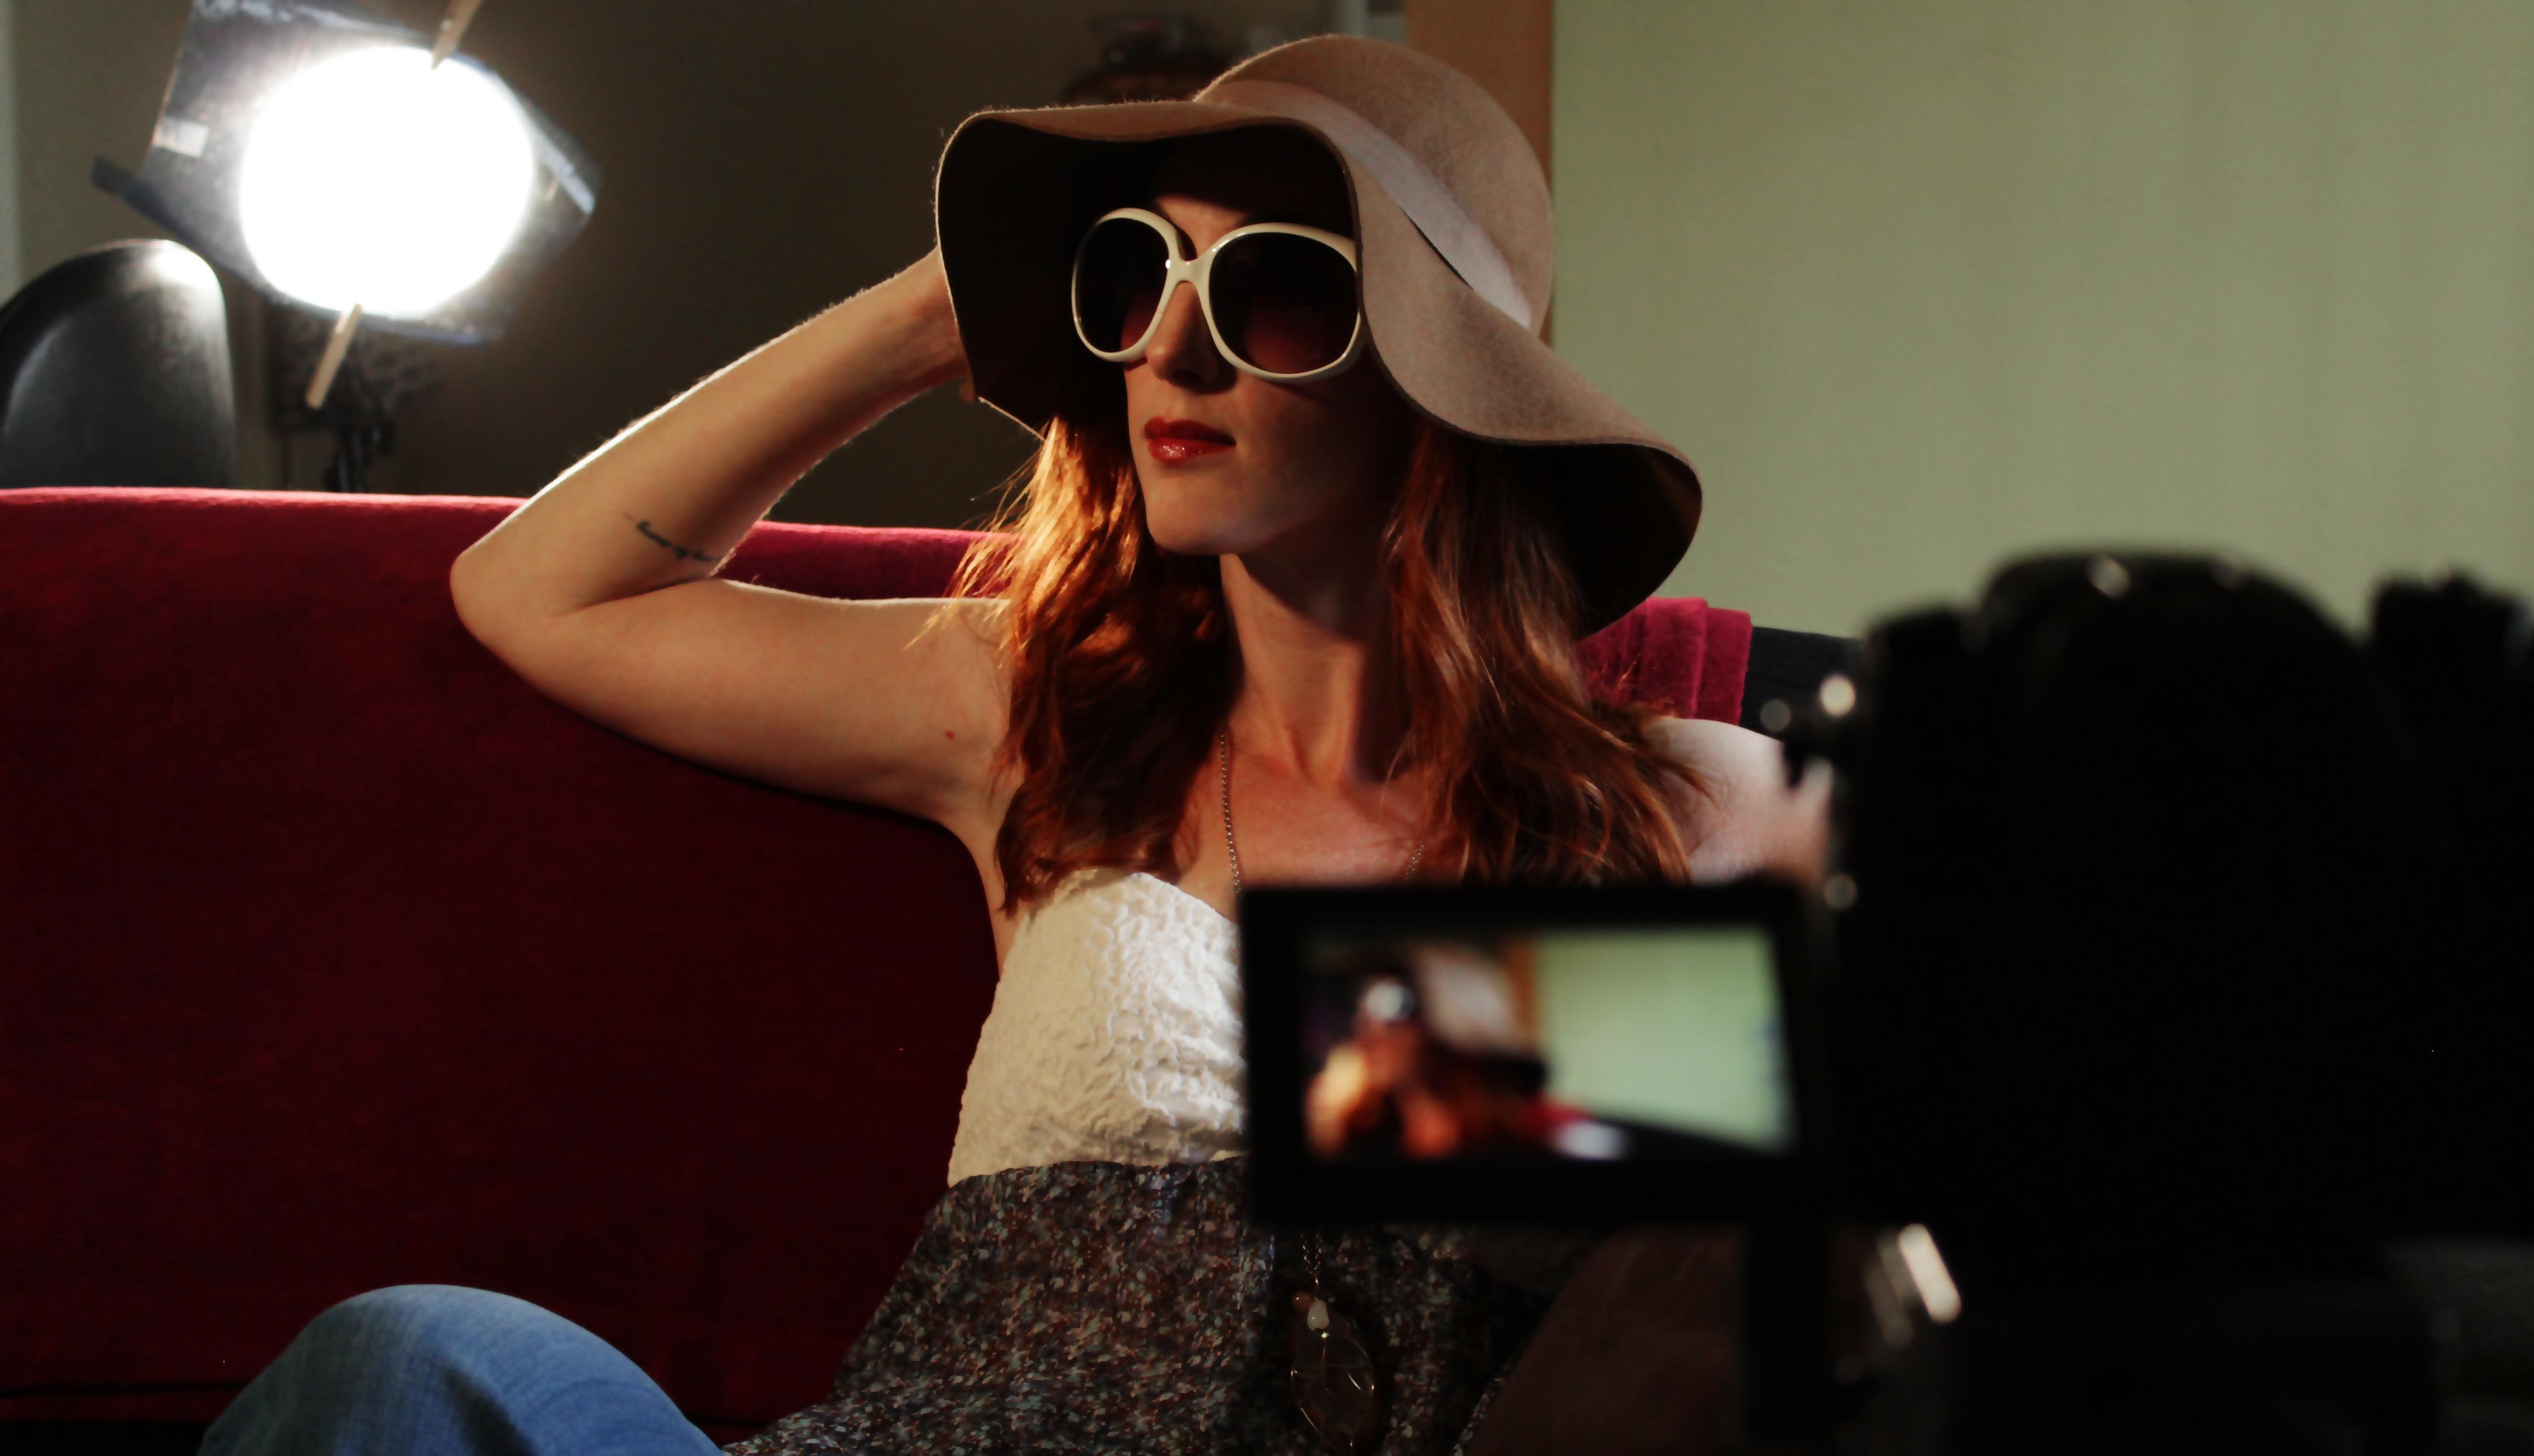 Struggle Short Film Megan Lynn